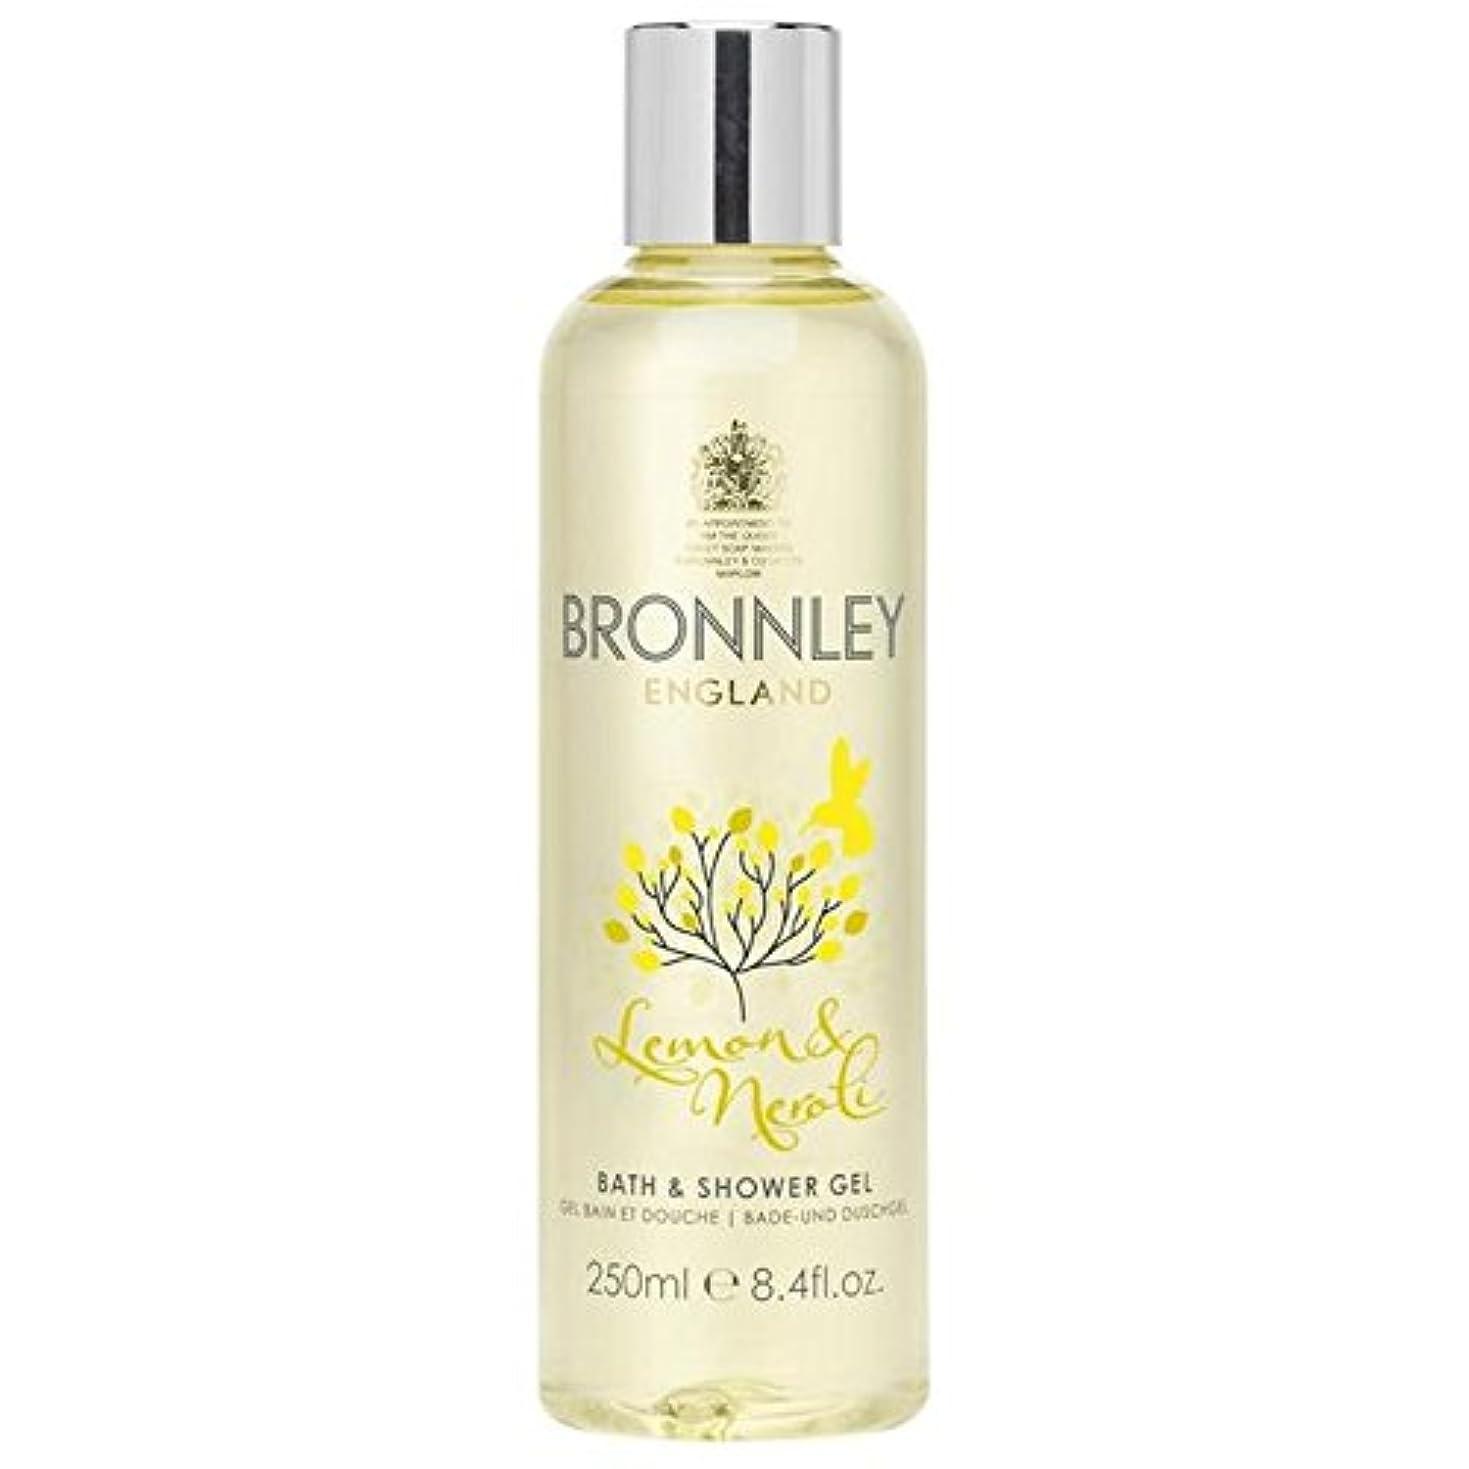 近傍エラーレポートを書くBronnley Lemon & Neroli Bath & Shower Gel 250ml (Pack of 6) - レモン&ネロリバス&シャワージェル250ミリリットル x6 [並行輸入品]